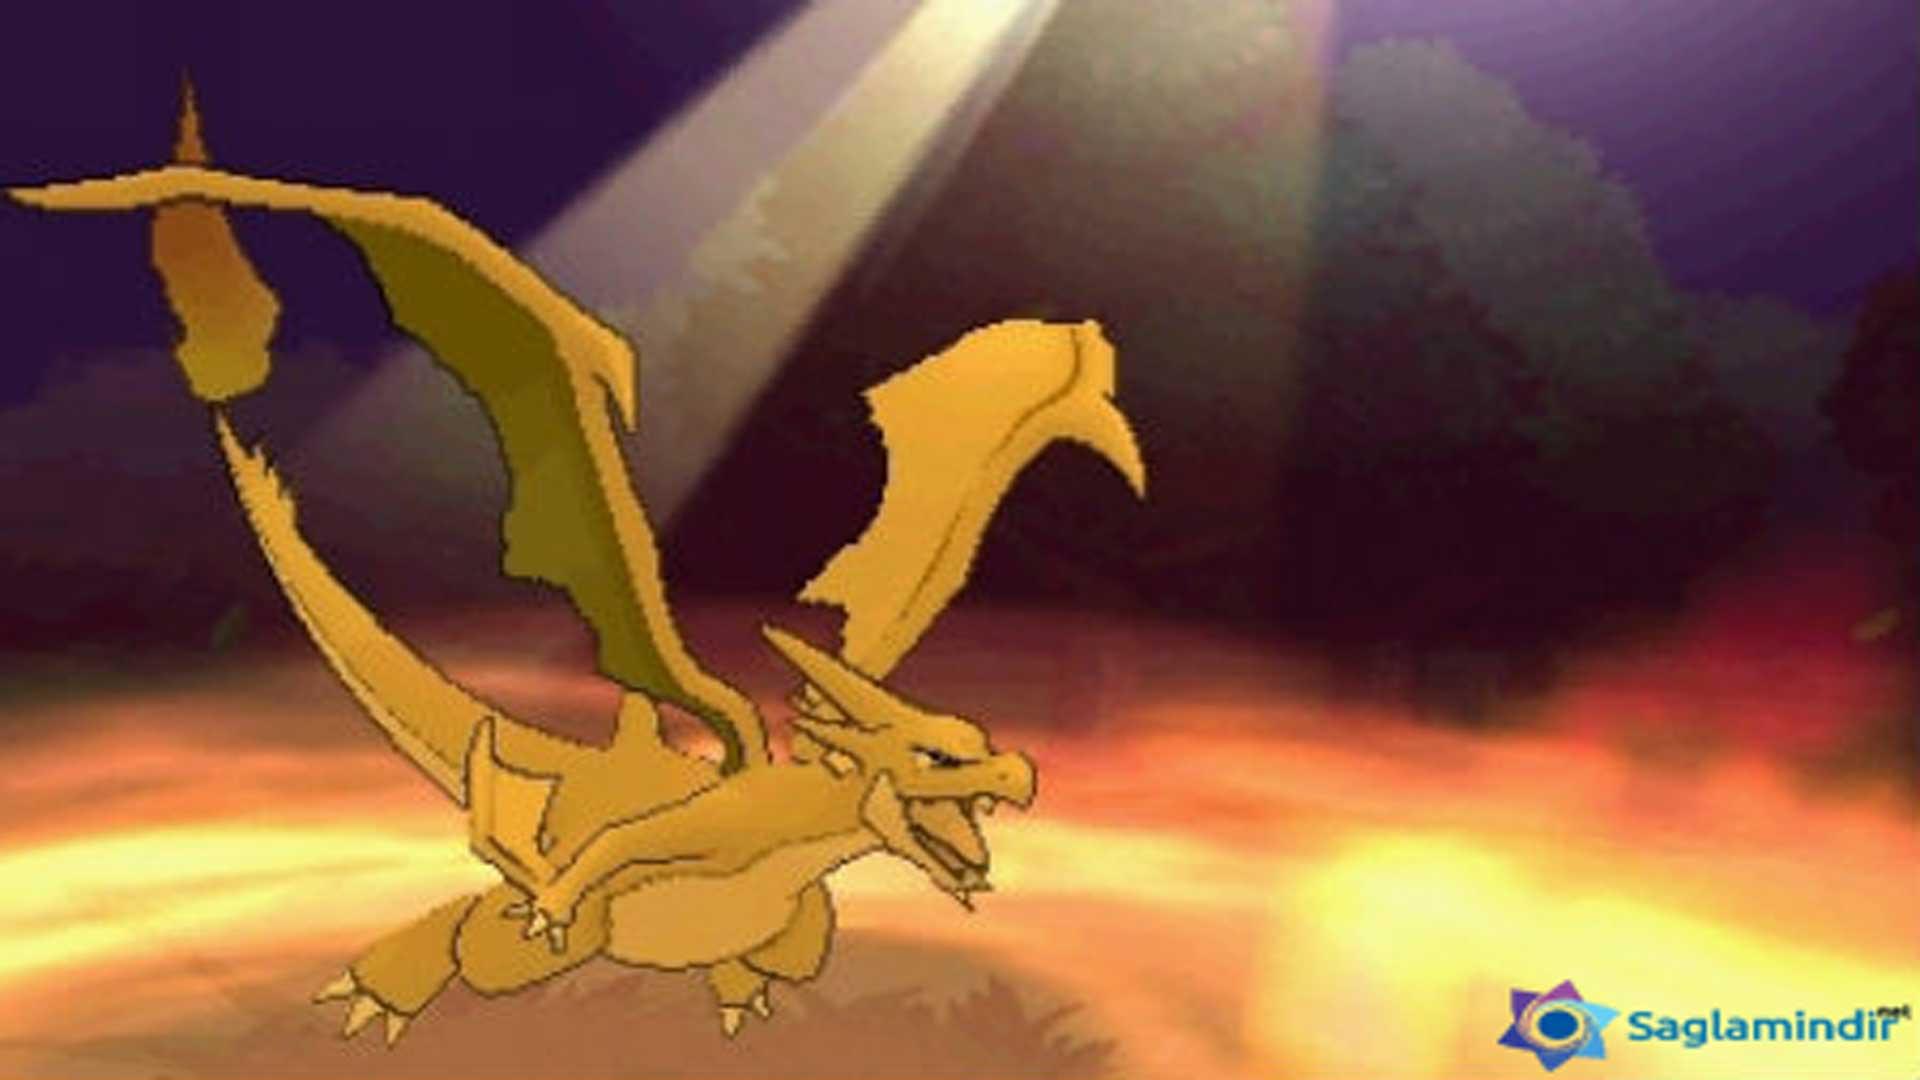 Pokémon X ve Pokémon Y saglamindir